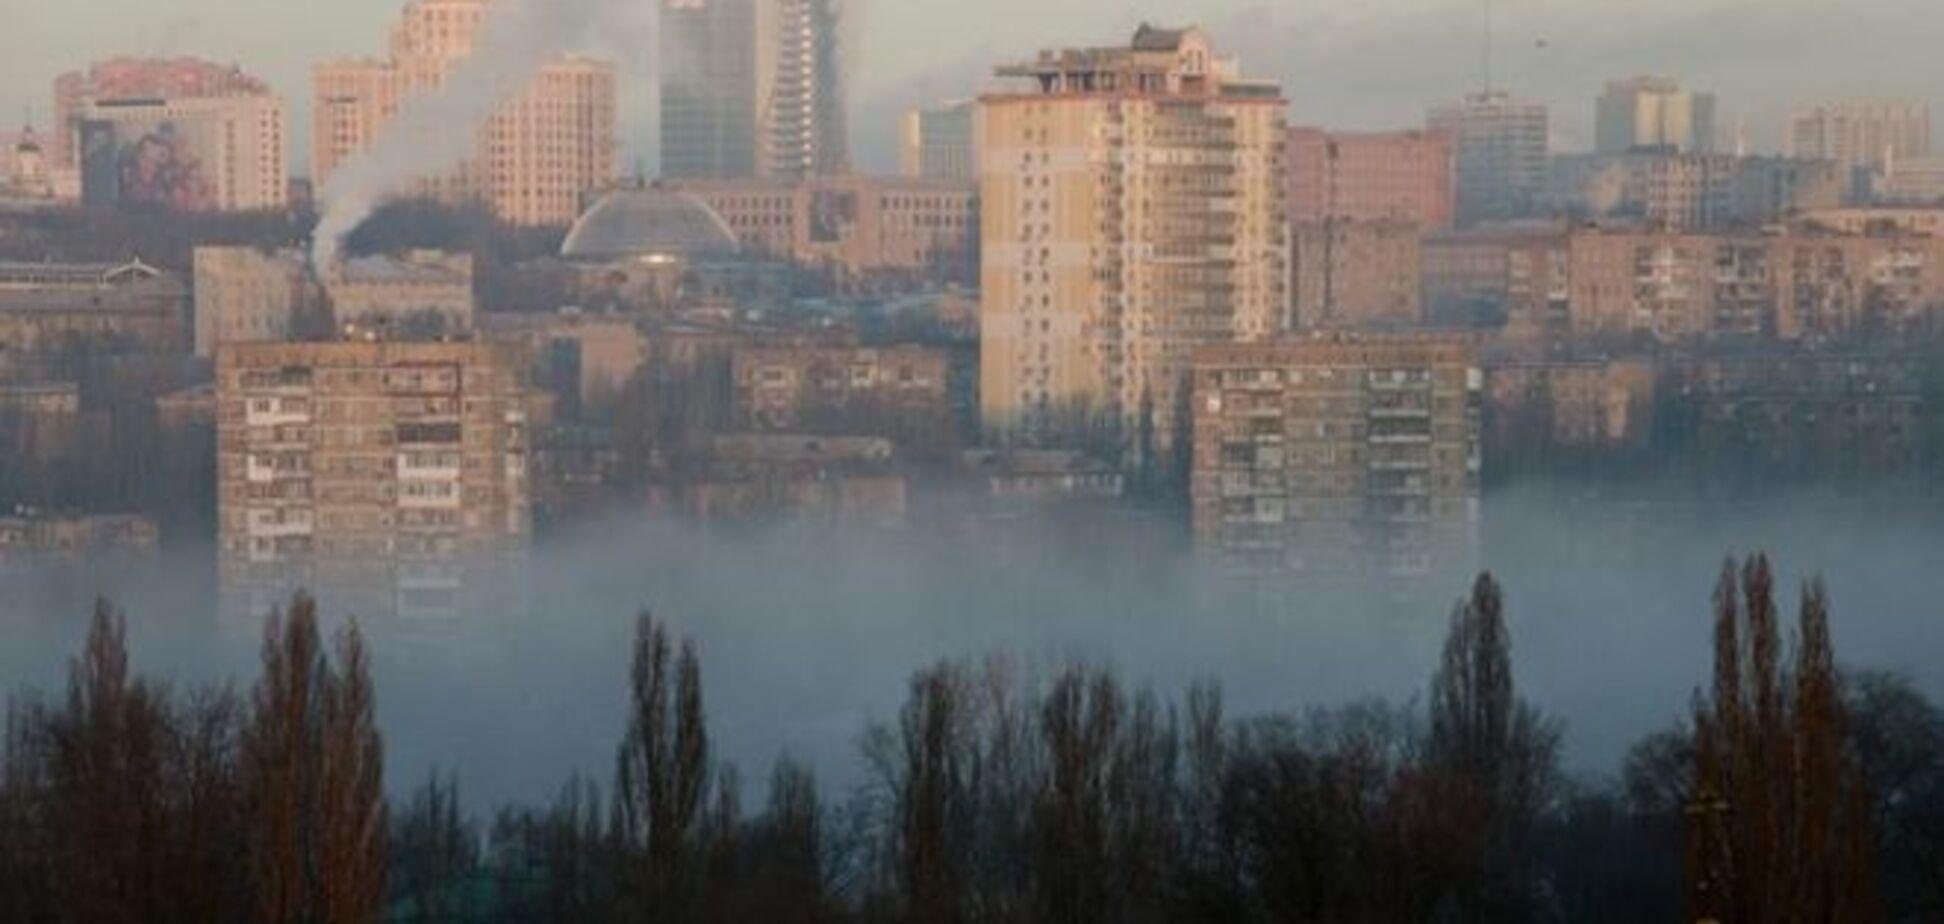 В Донецке начался бой с применением стрелкового оружия – Береза